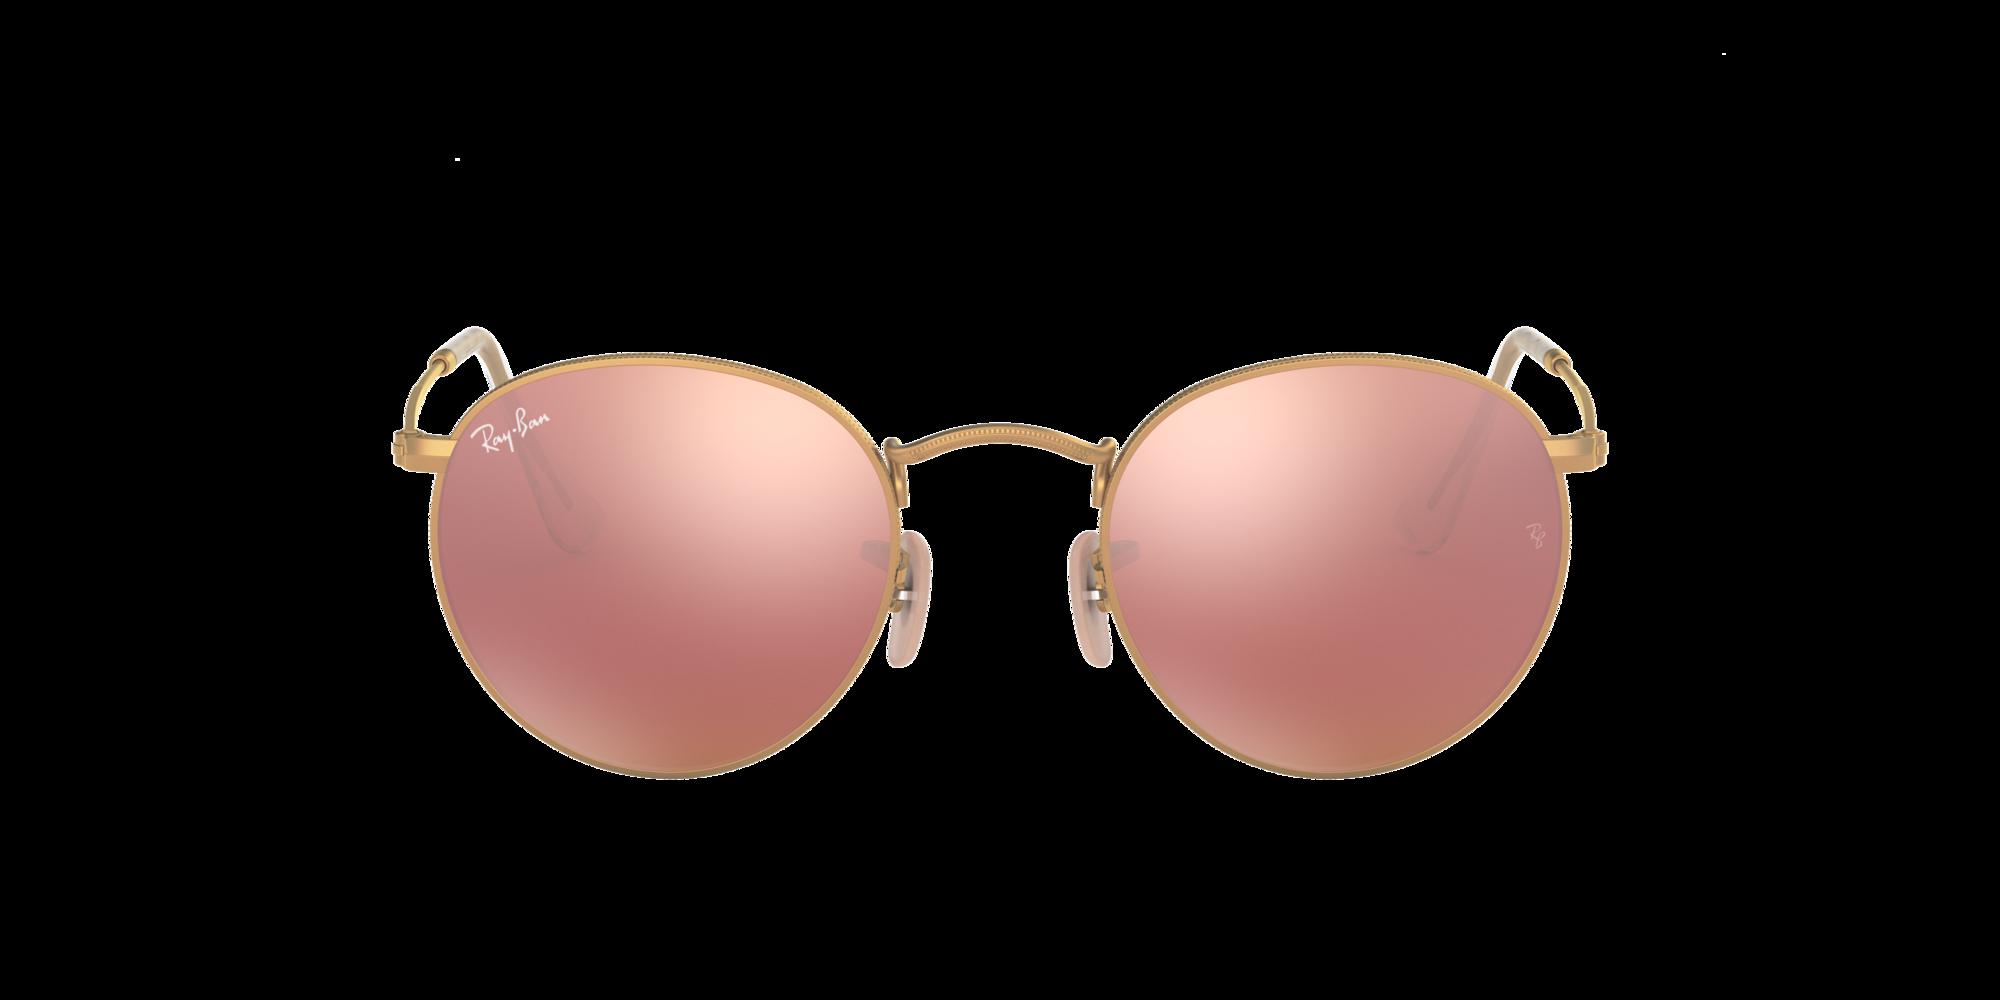 Imagen para RB3447 50 ROUND METAL de LensCrafters |  Espejuelos, espejuelos graduados en línea, gafas